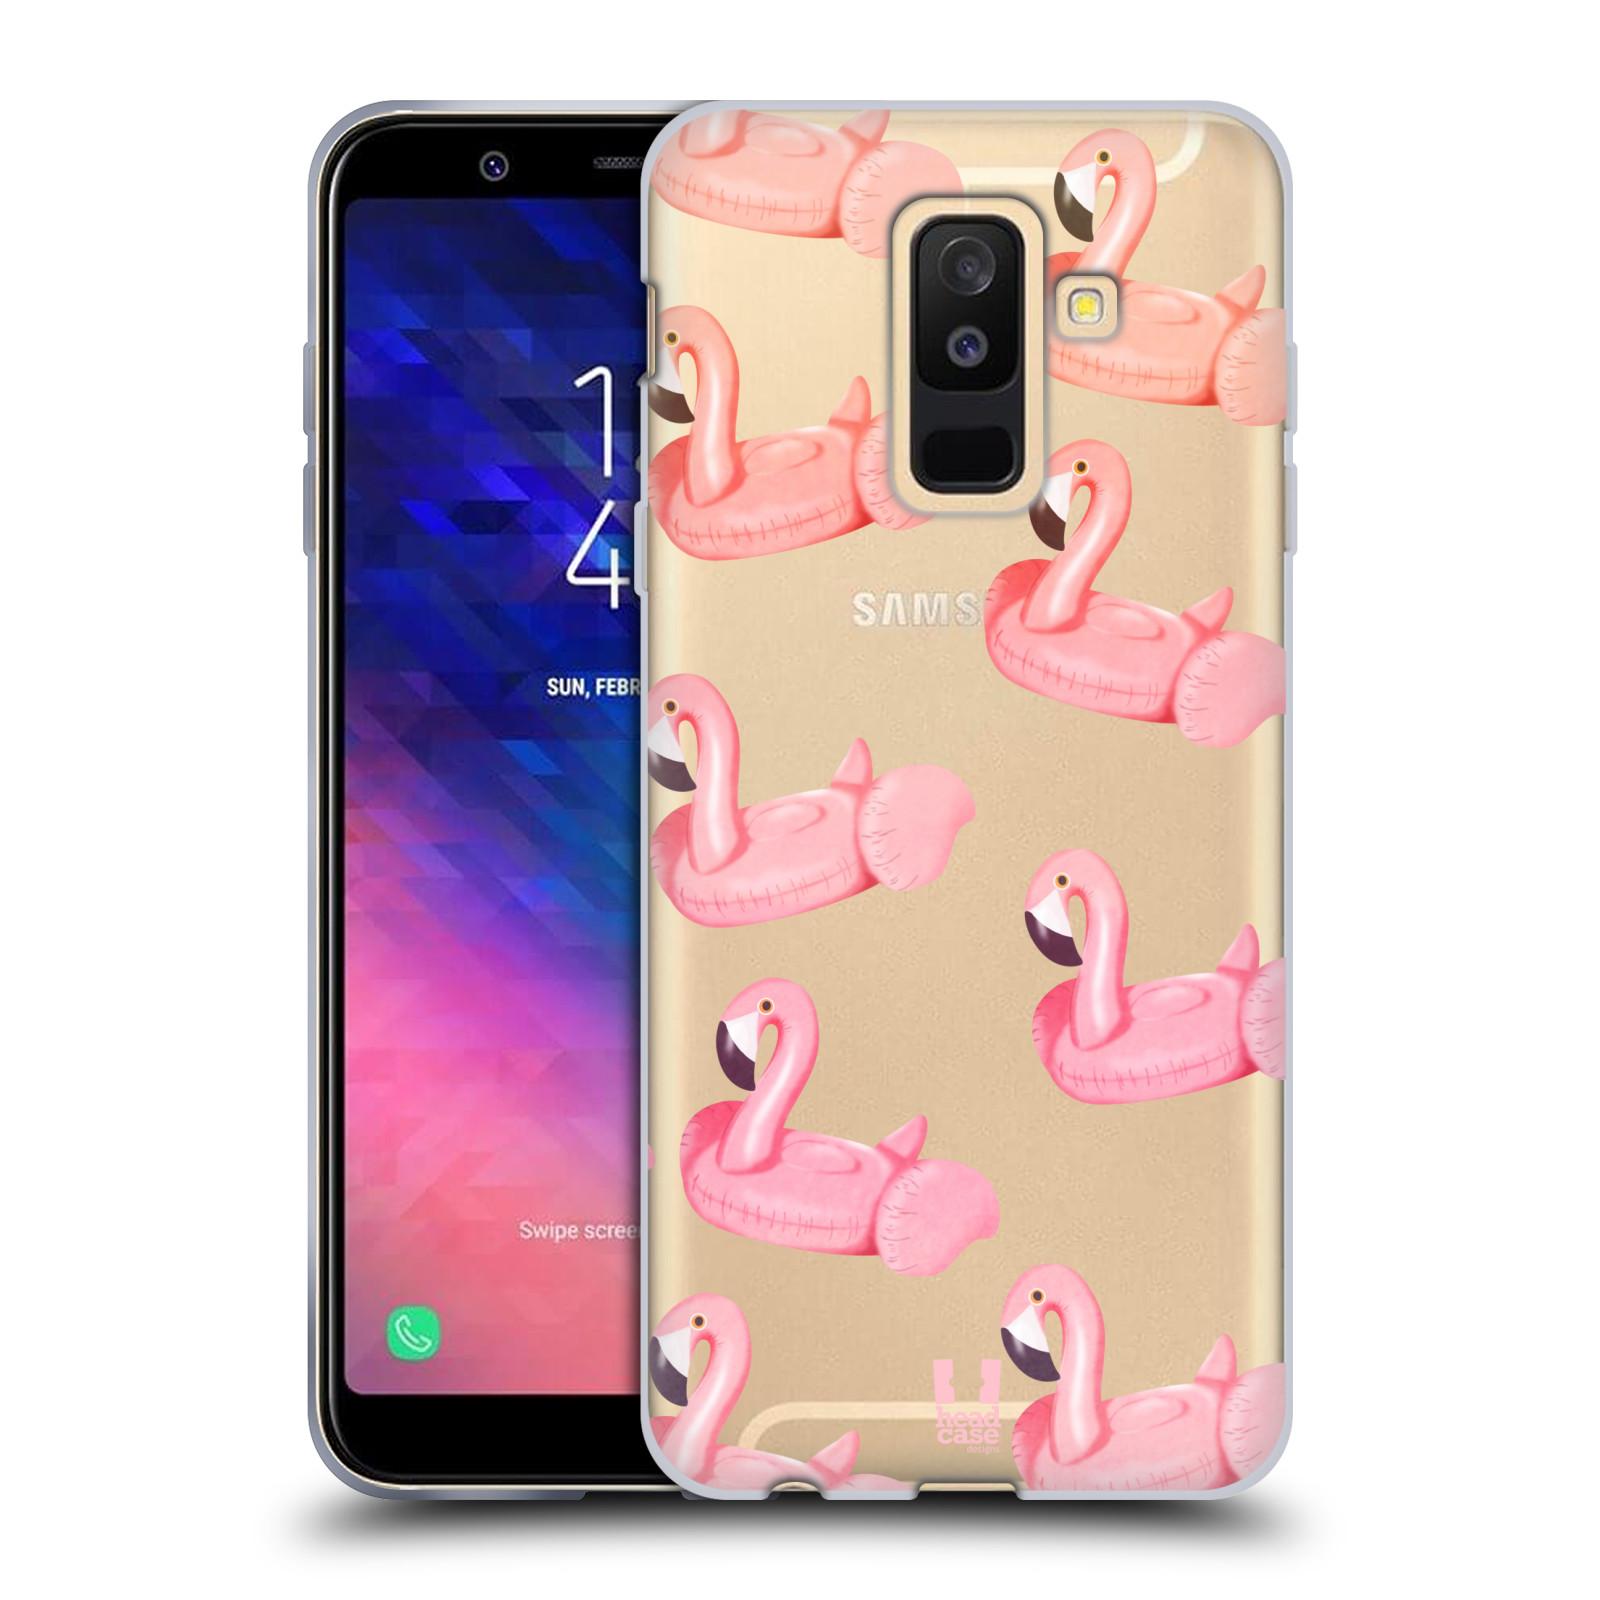 Silikonové pouzdro na mobil Samsung Galaxy A6 Plus (2018) - Head Case - Kruh plaměňák